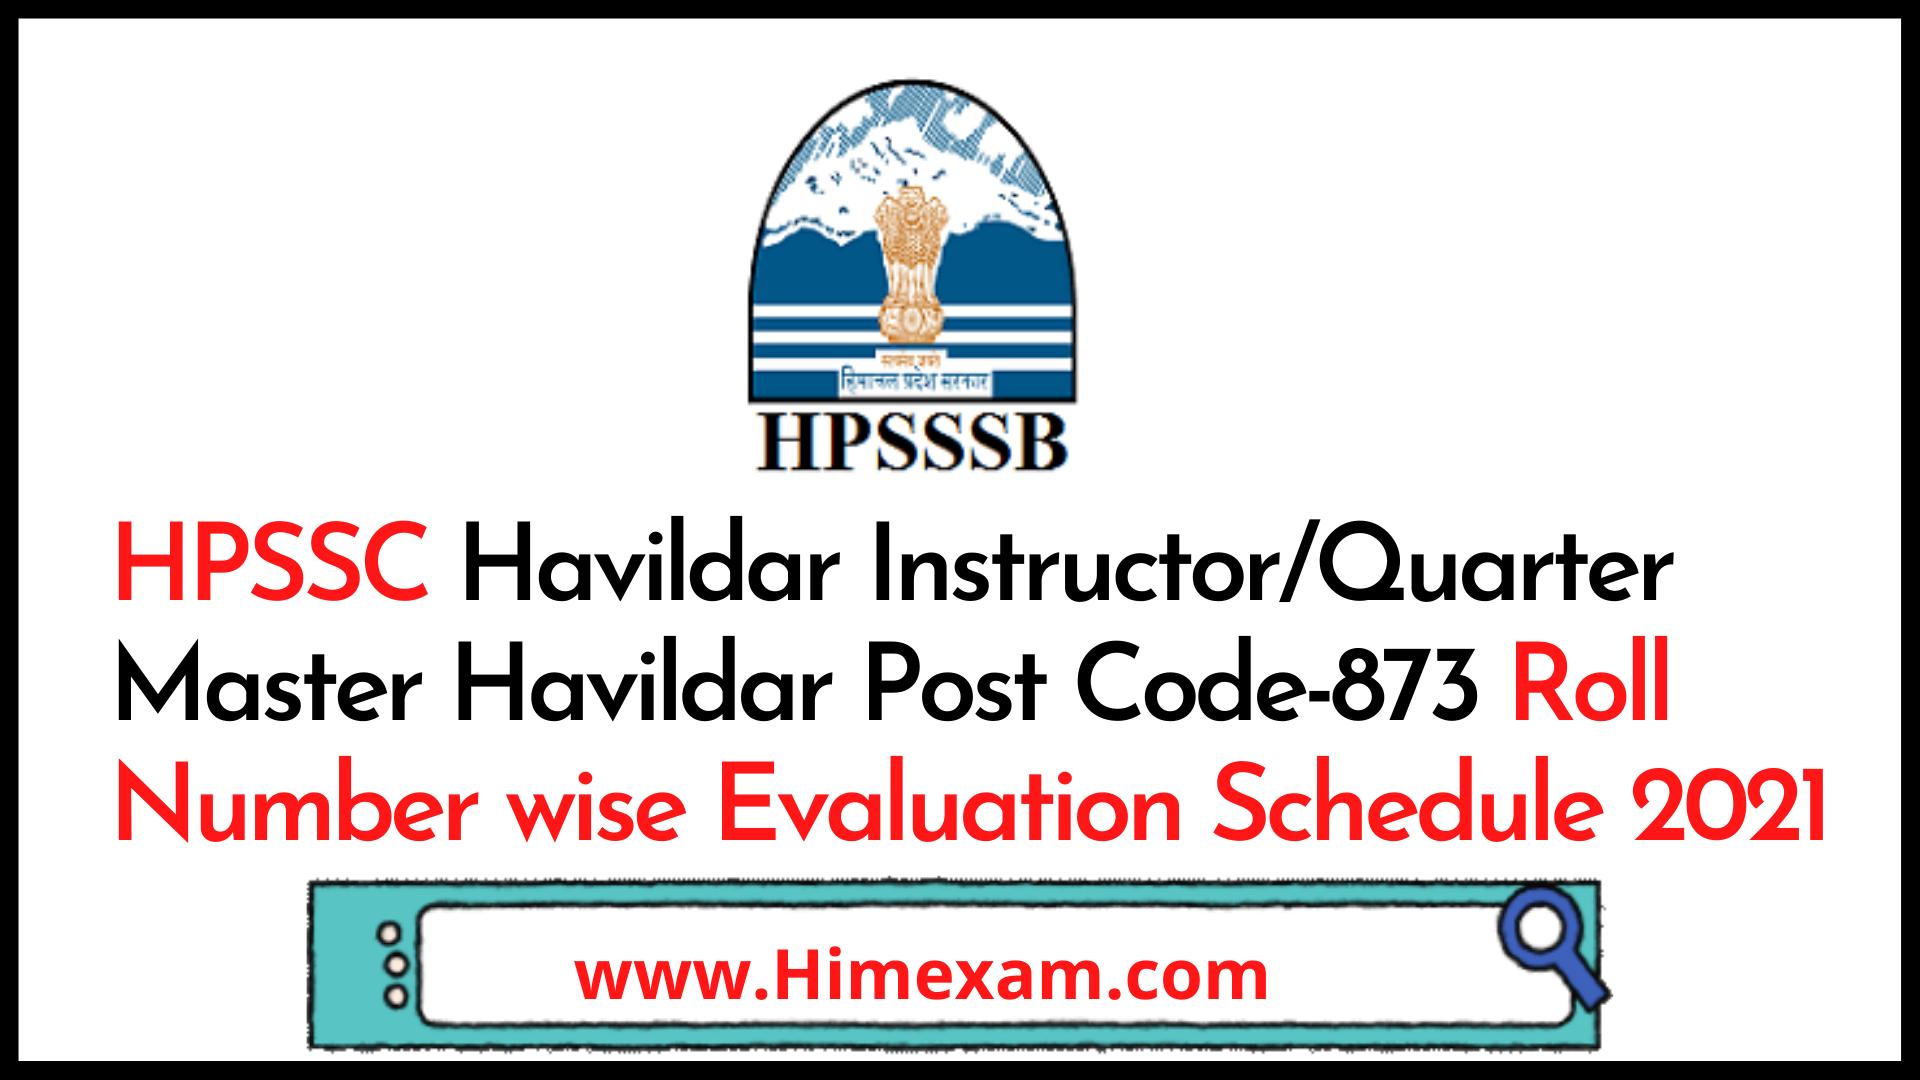 HPSSC Havildar Instructor/Quarter Master Havildar Post Code-873 Roll Number wise Evaluation Schedule 2021